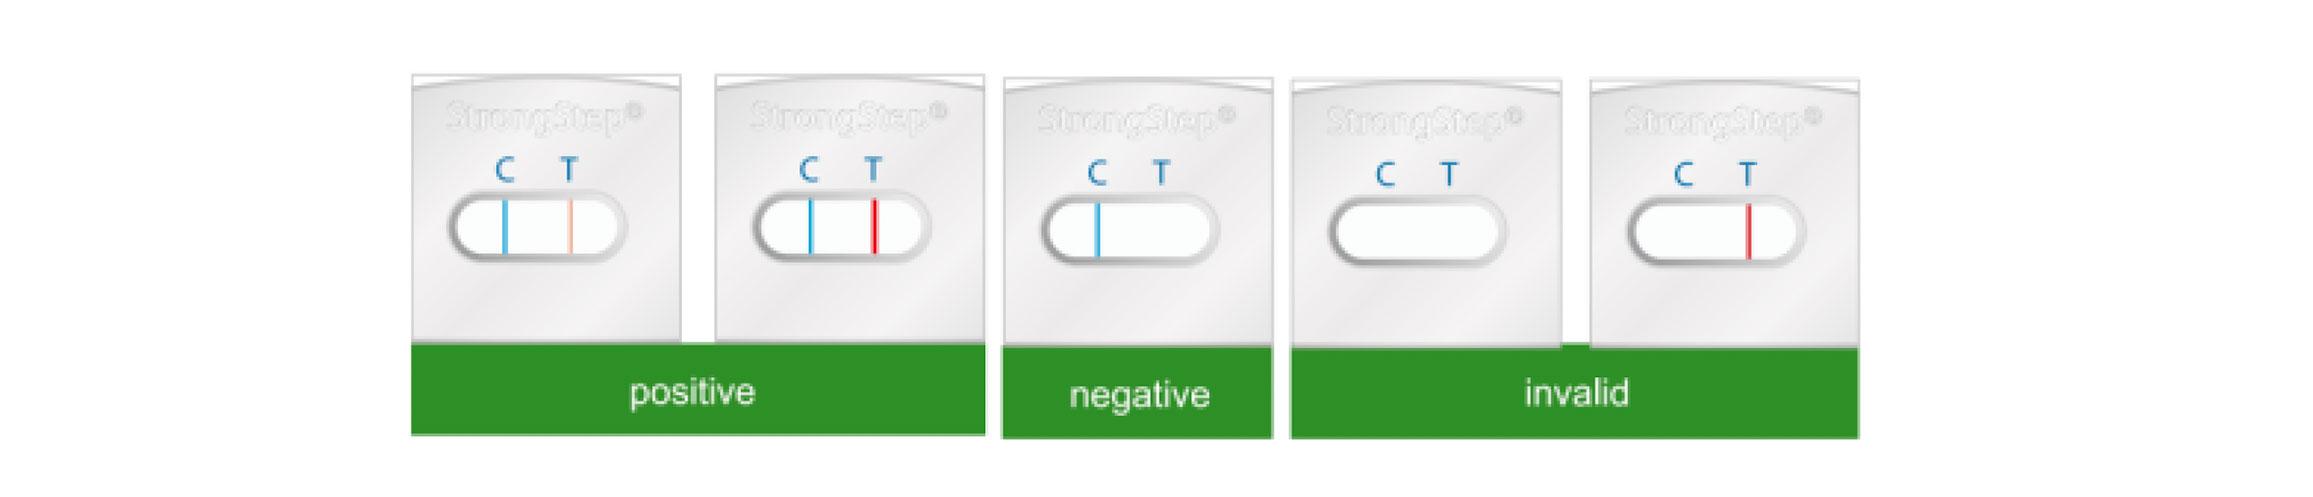 test-salivare-operativita-meglioinsalute-3